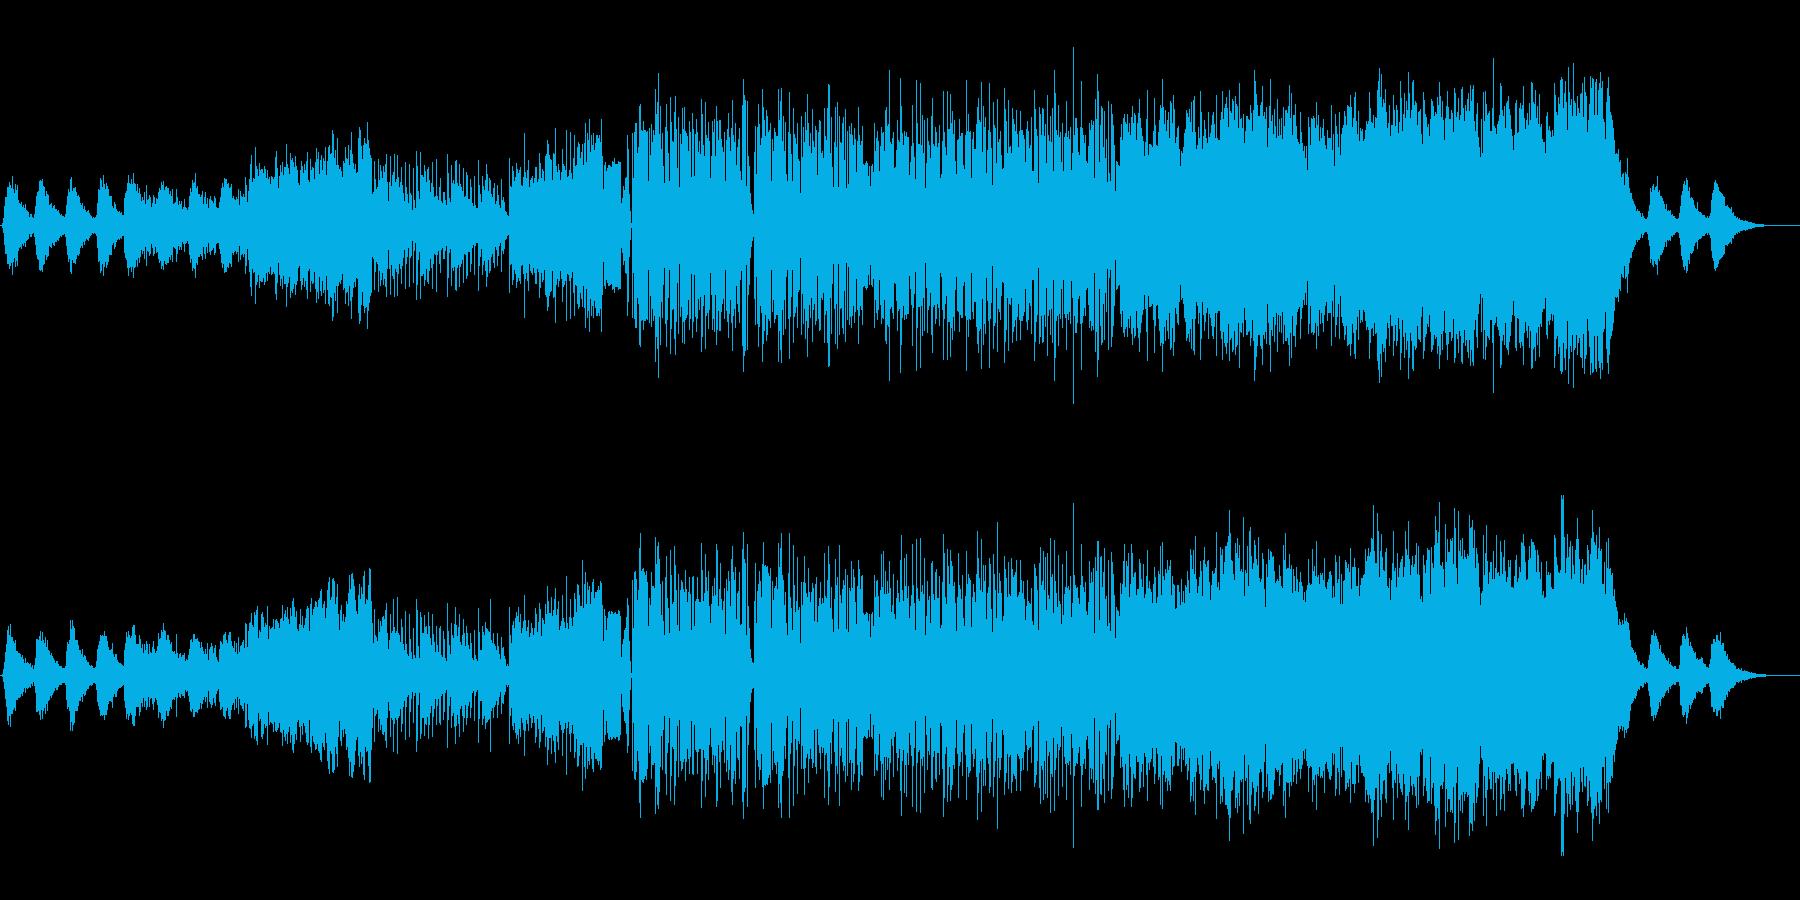 魔導機をイメージした、ダブステ風BGMの再生済みの波形